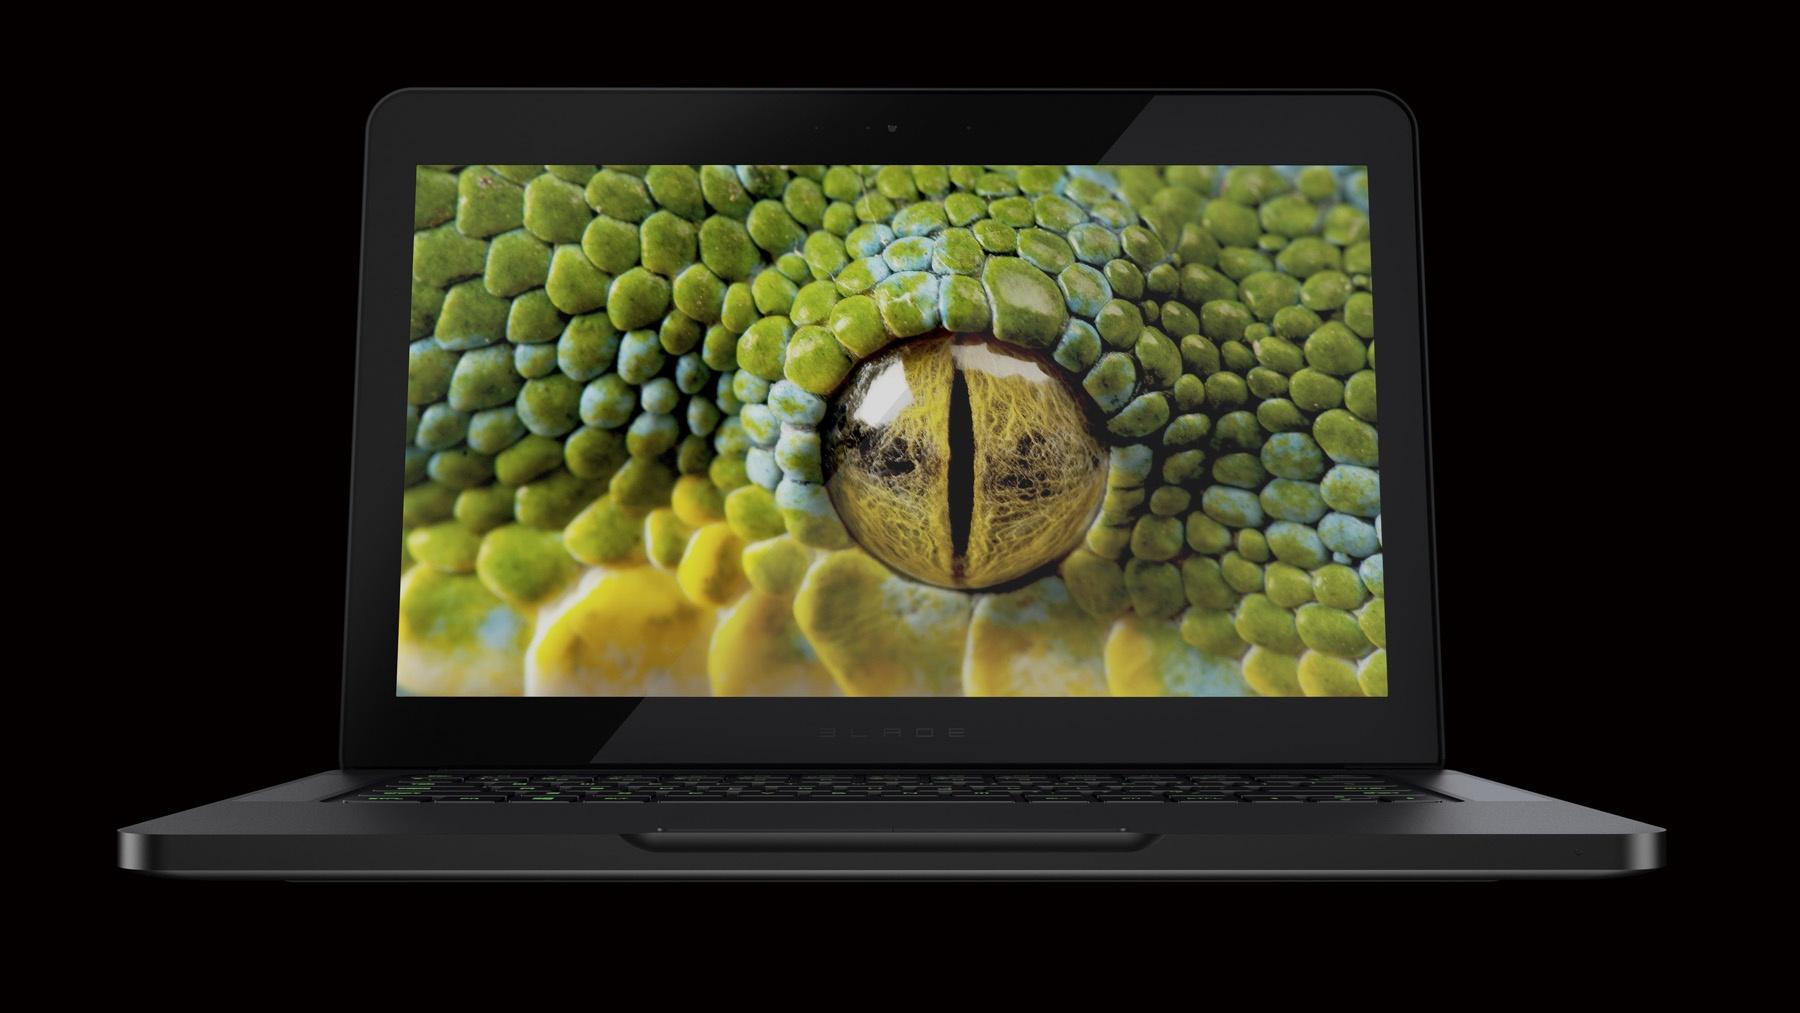 ریزر بلید؛لپ تاپی که 9 را از 10 گرفت /سریعترین و ظریف ترین گیمینگ 14 اینچی دنیا